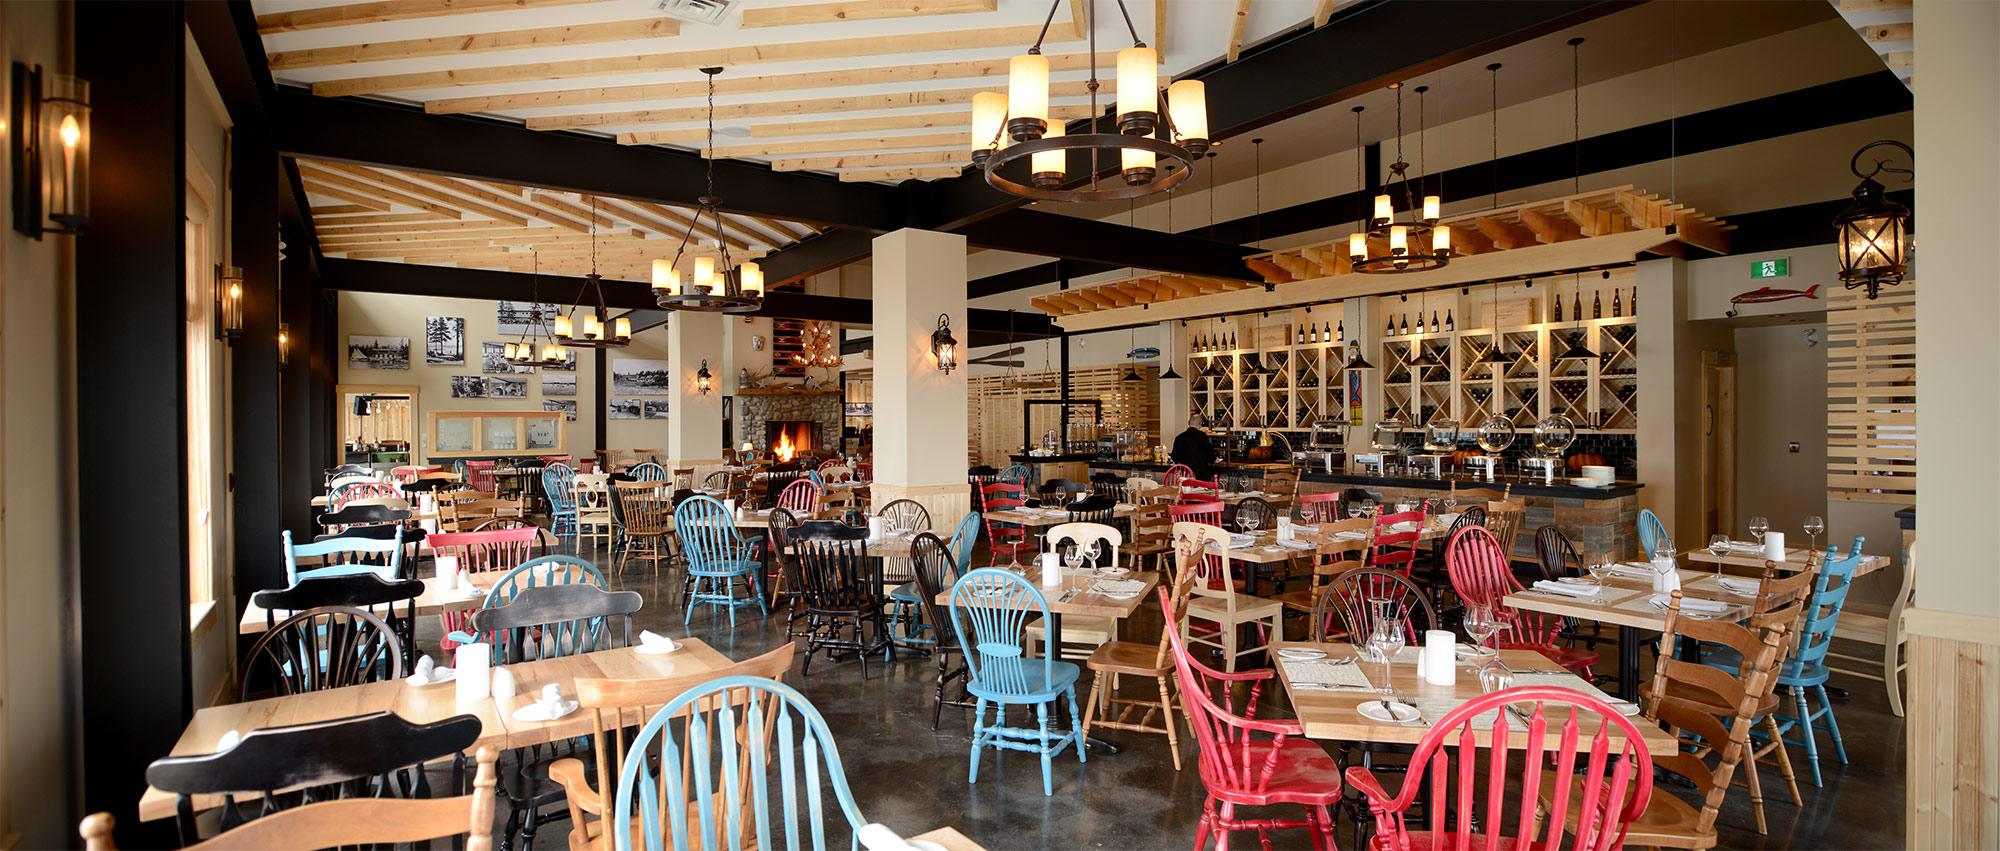 interior-design-restuarant-nova-scotia-dining-room-chairs.jpg